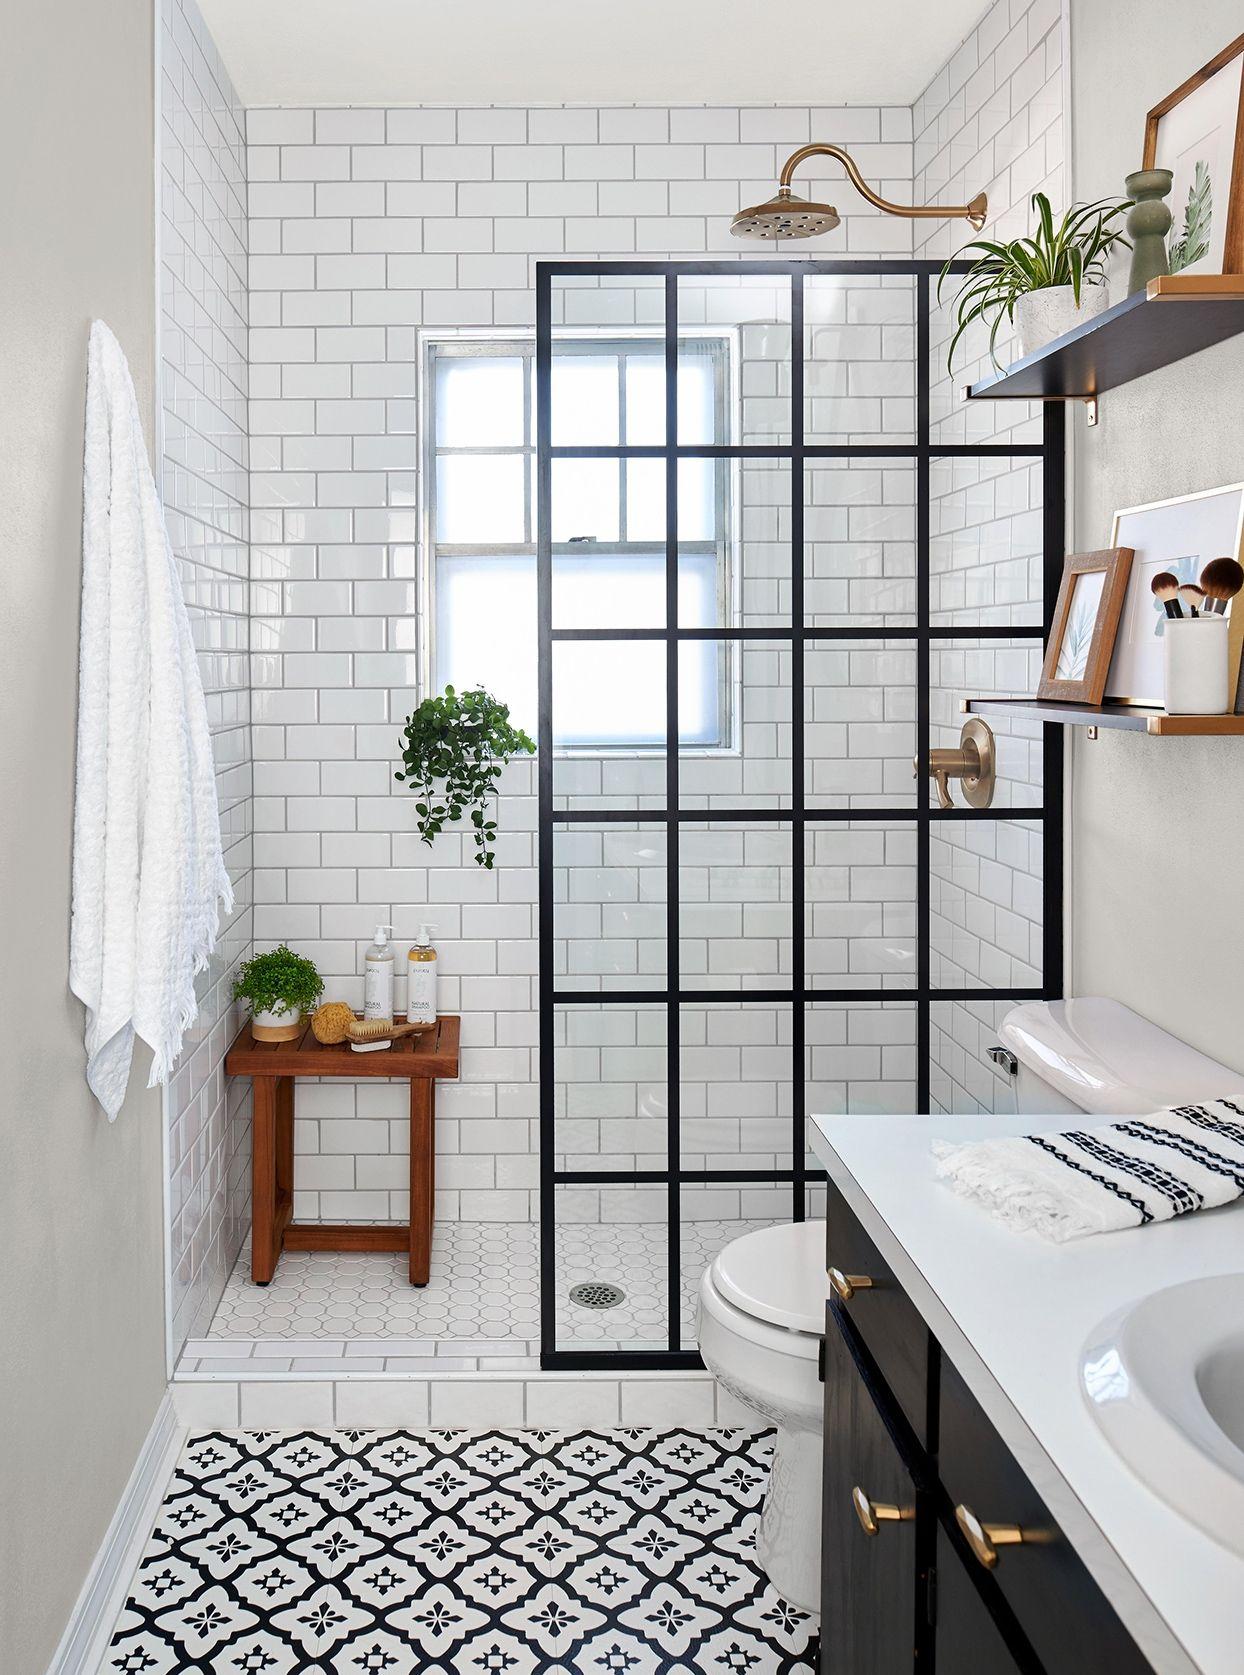 21 Unusual Small Bathroom Remodel Ideas Idea On Budget Decorand In 2020 Small Bathroom Makeover Small Bathroom Remodel Stylish Bathroom